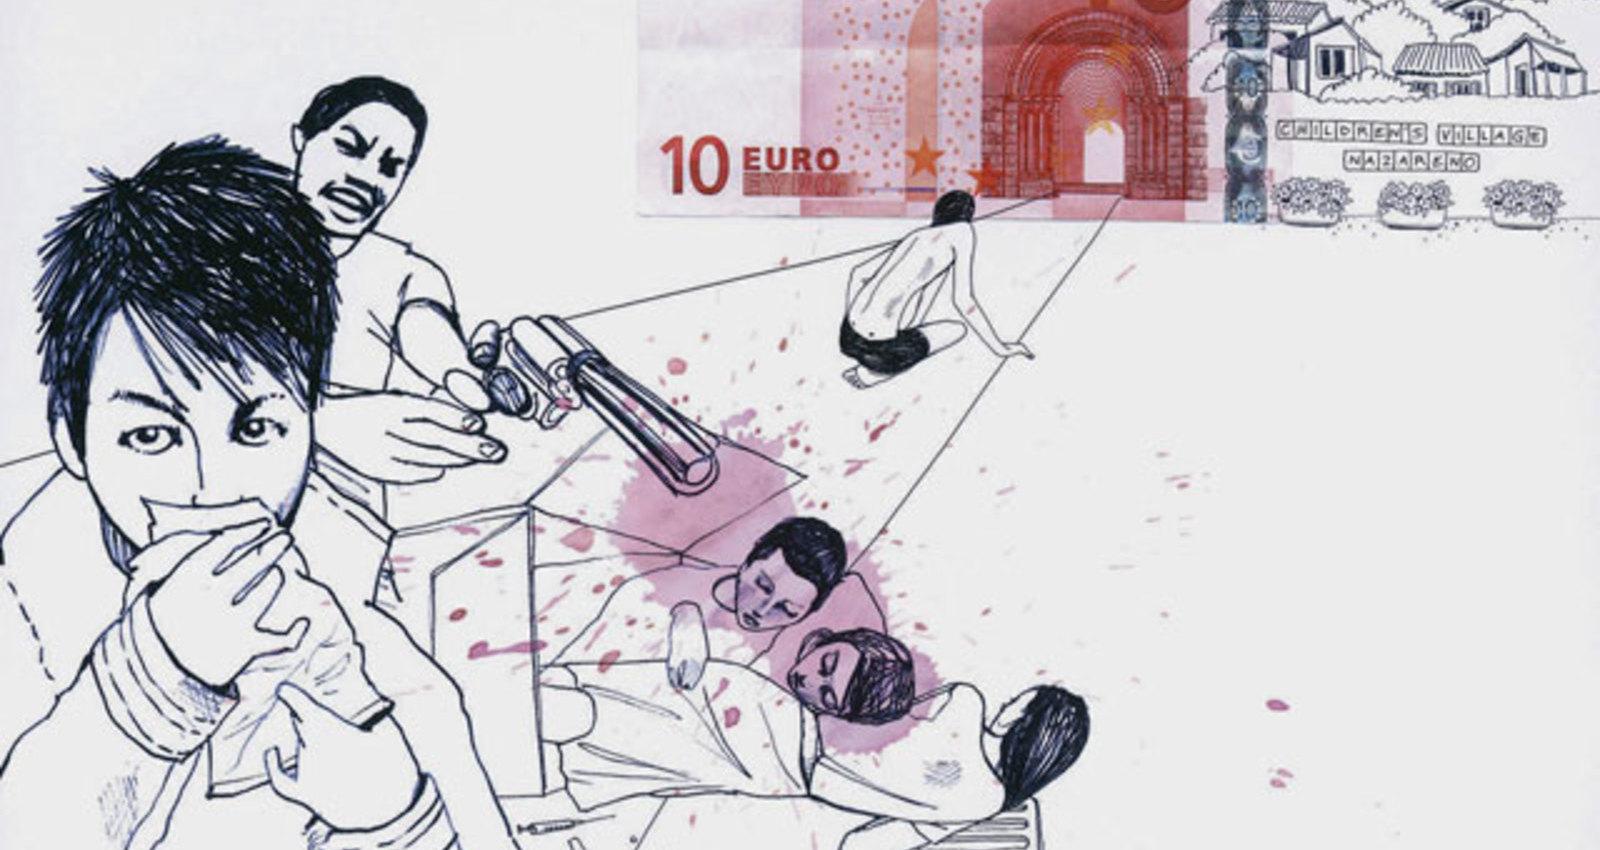 5,- Euro, 10,- Euro, 100,- Euro